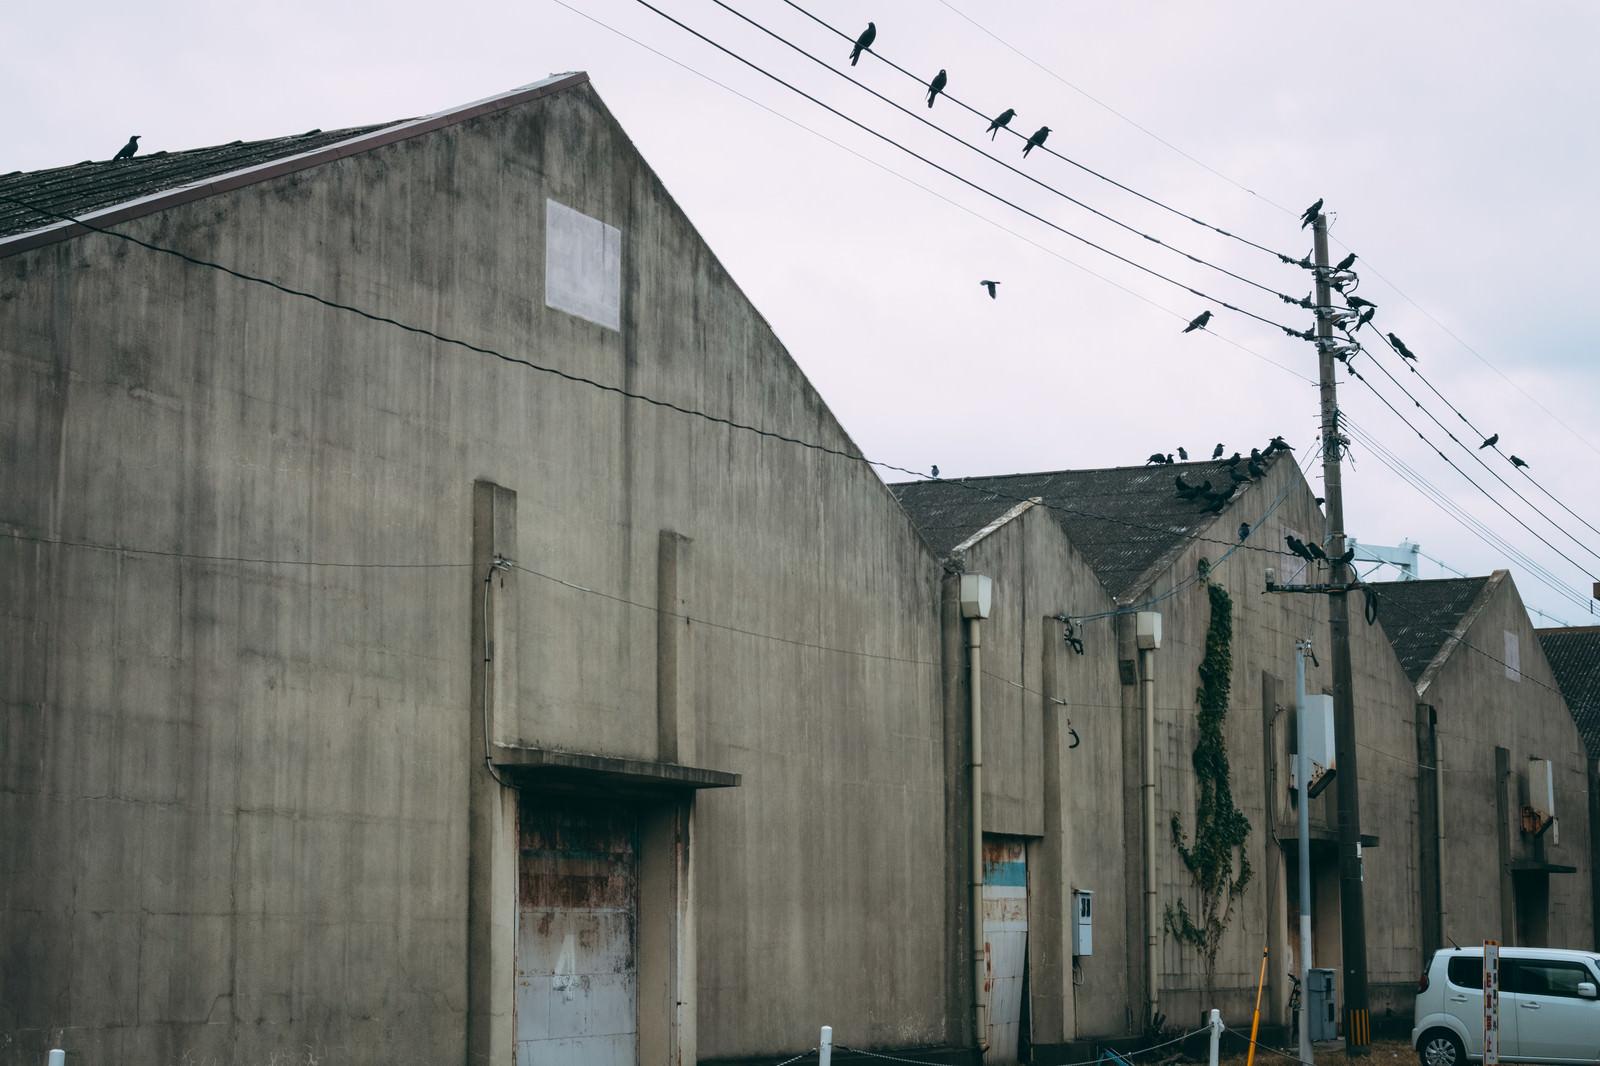 「カラスが集まる古びた港の倉庫」の写真